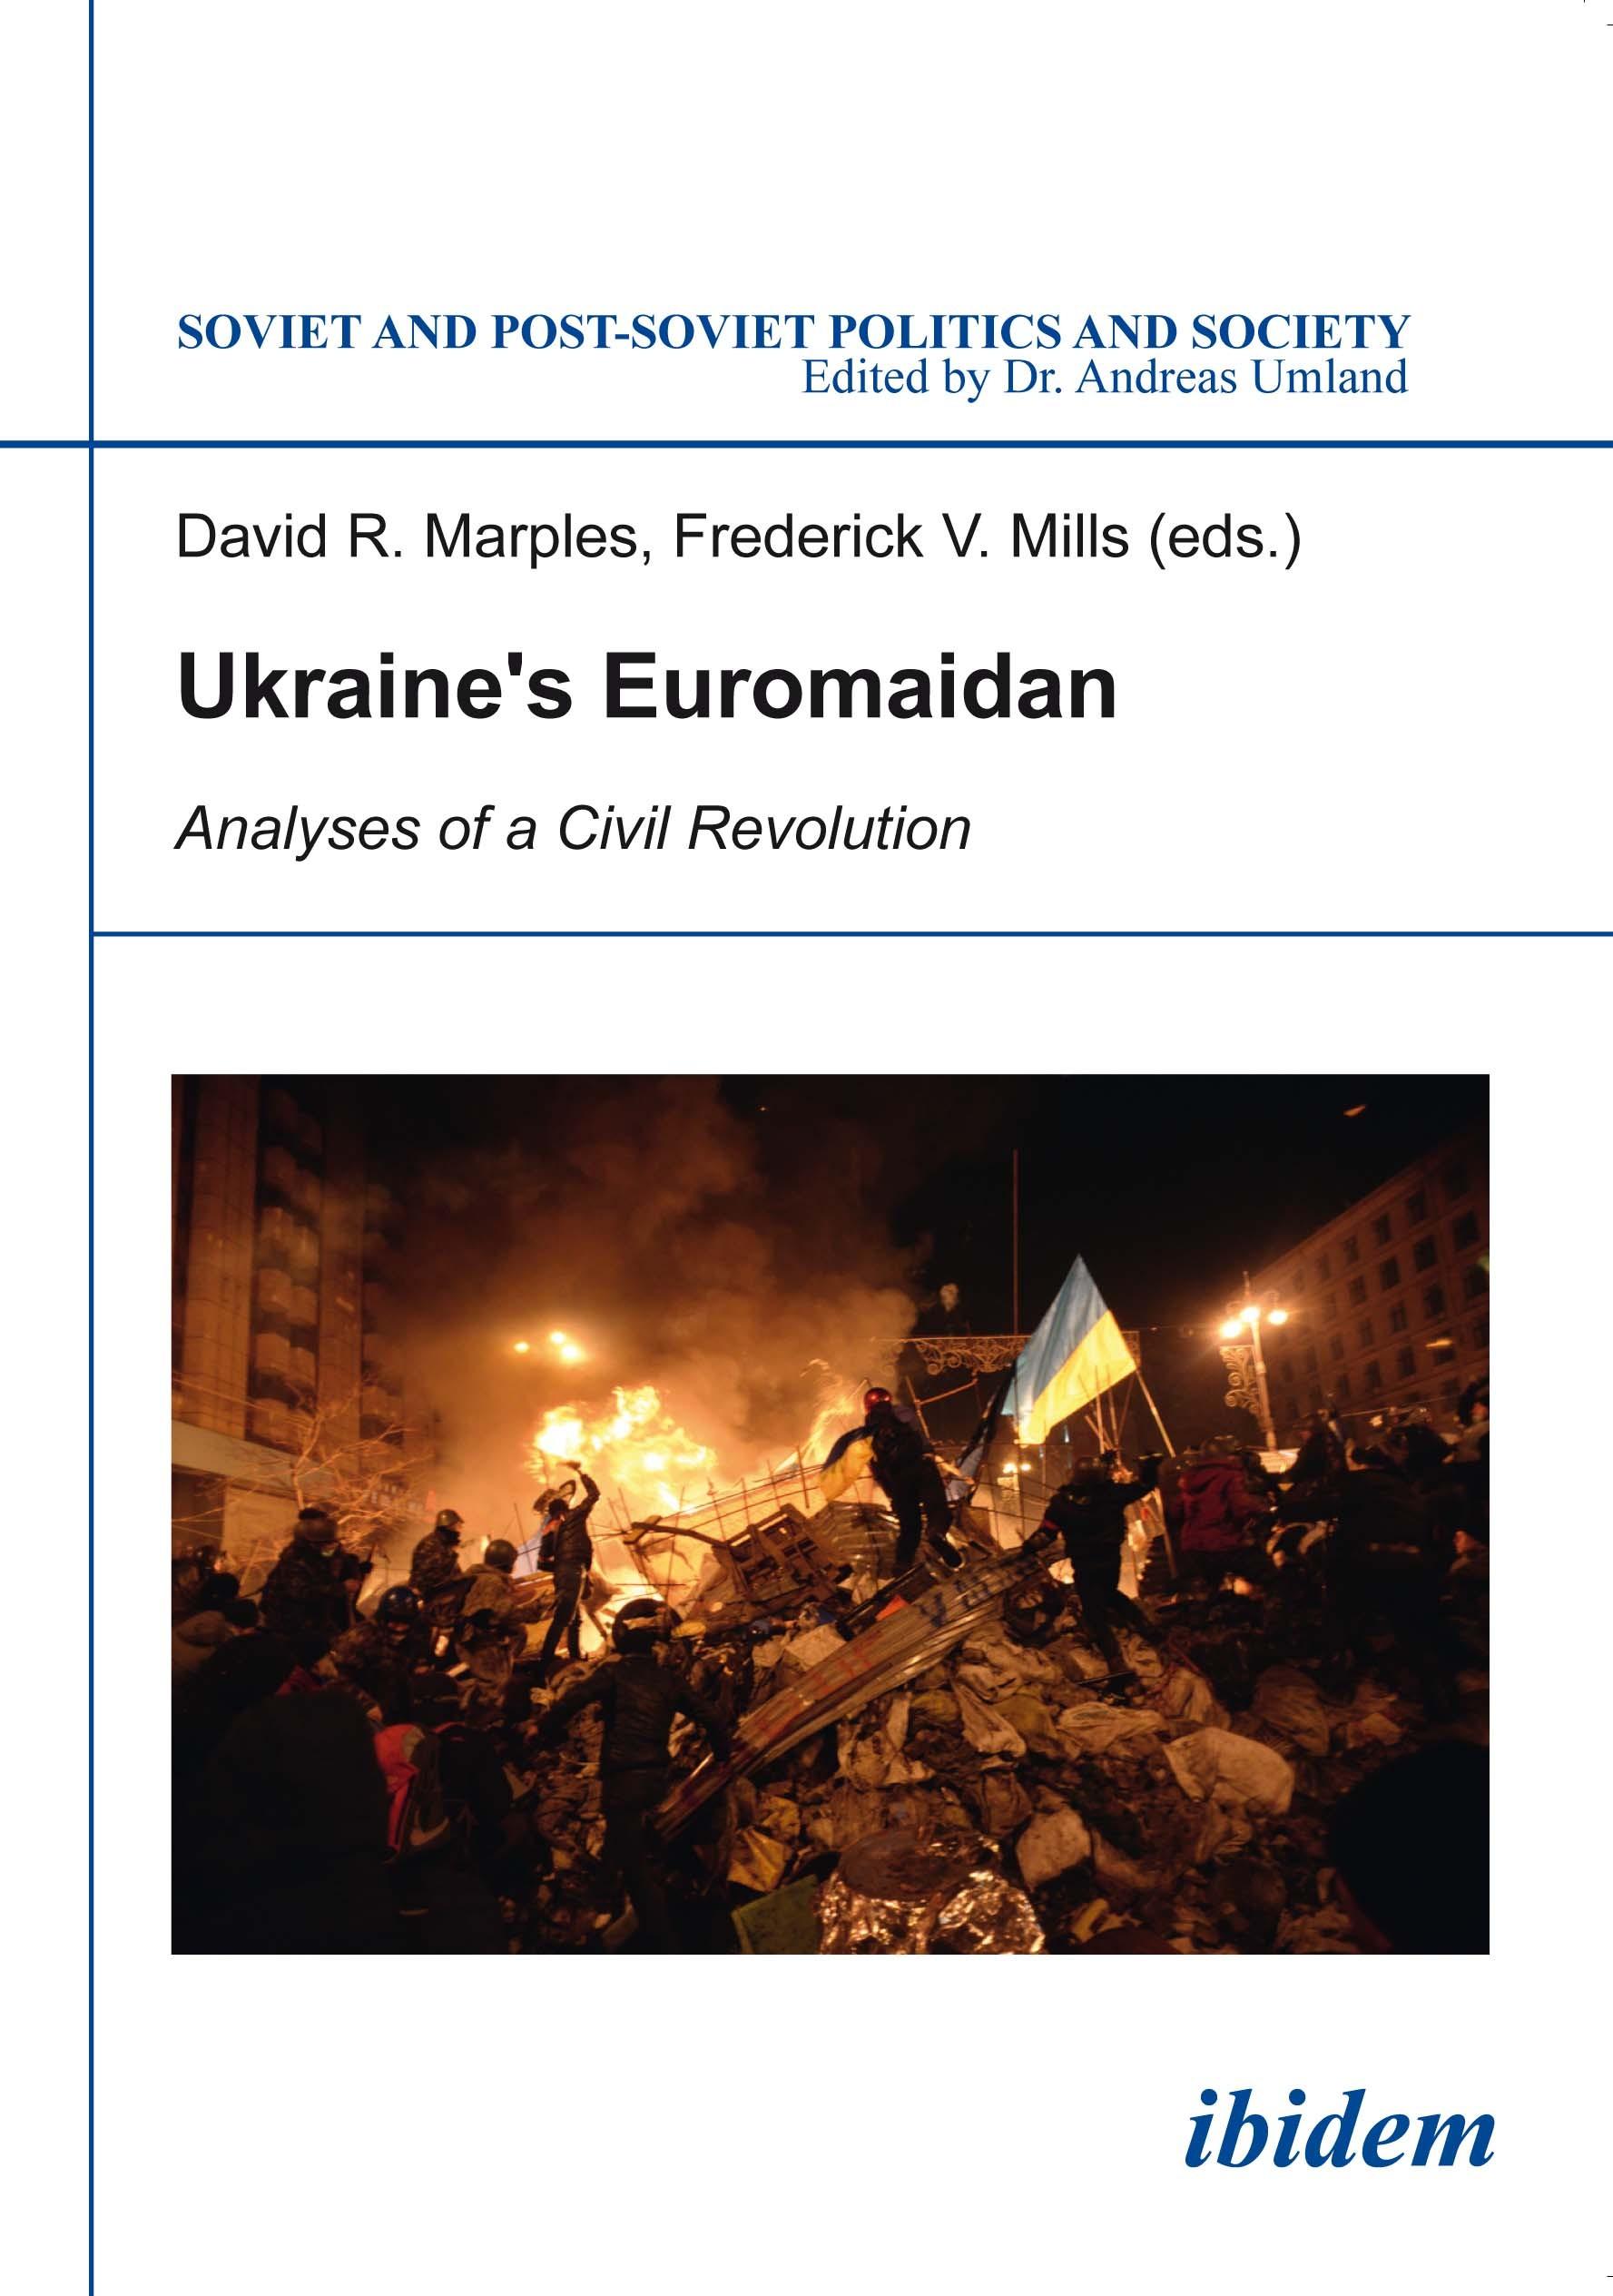 Ukraine's Euromaidan